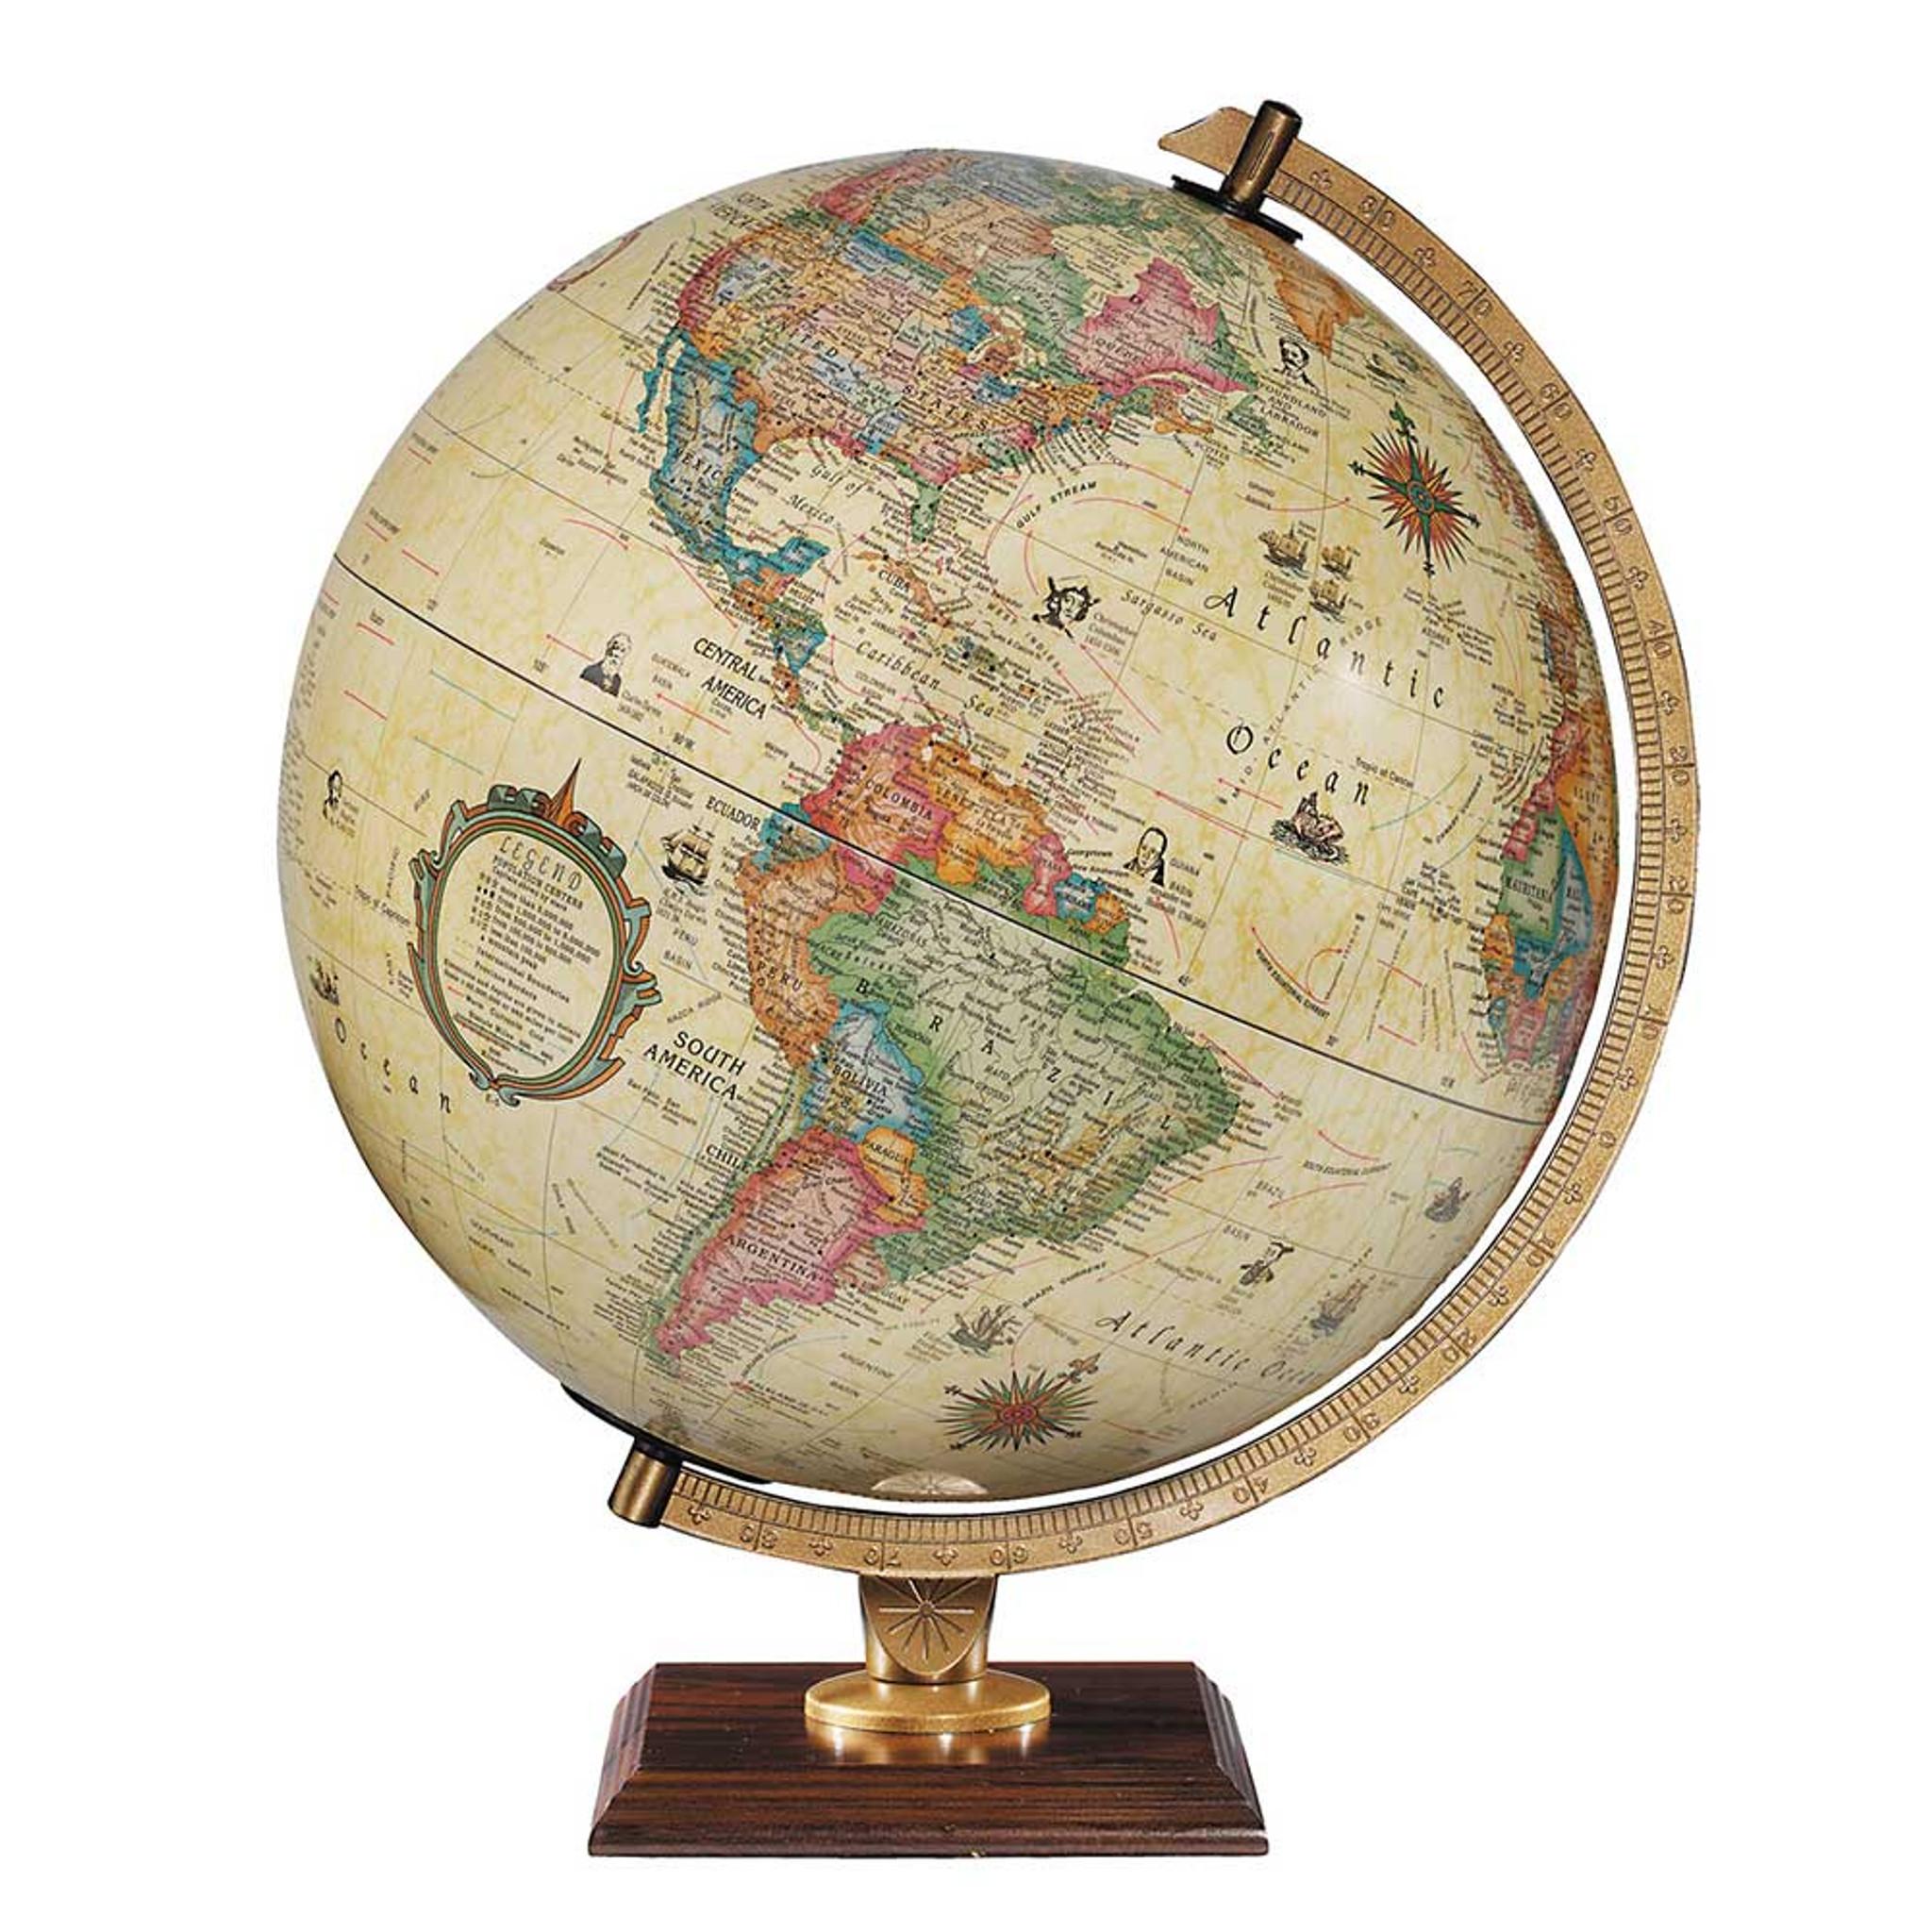 Carlyle 12 Illuminated Desk Globe